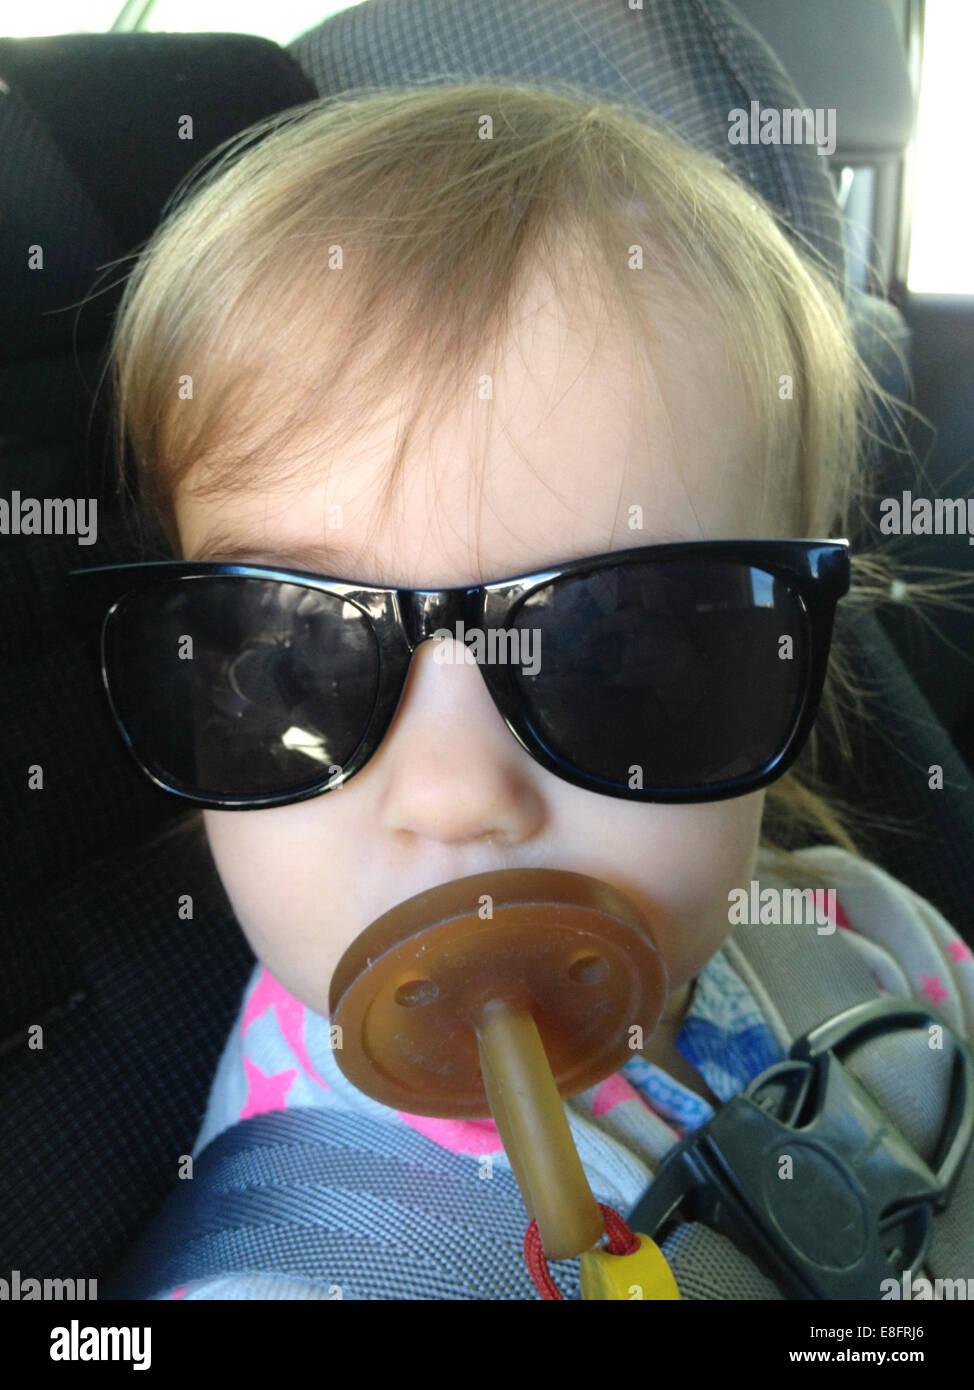 Retrato de niña (18-23 meses) con maniquí y gafas de sol Imagen De Stock